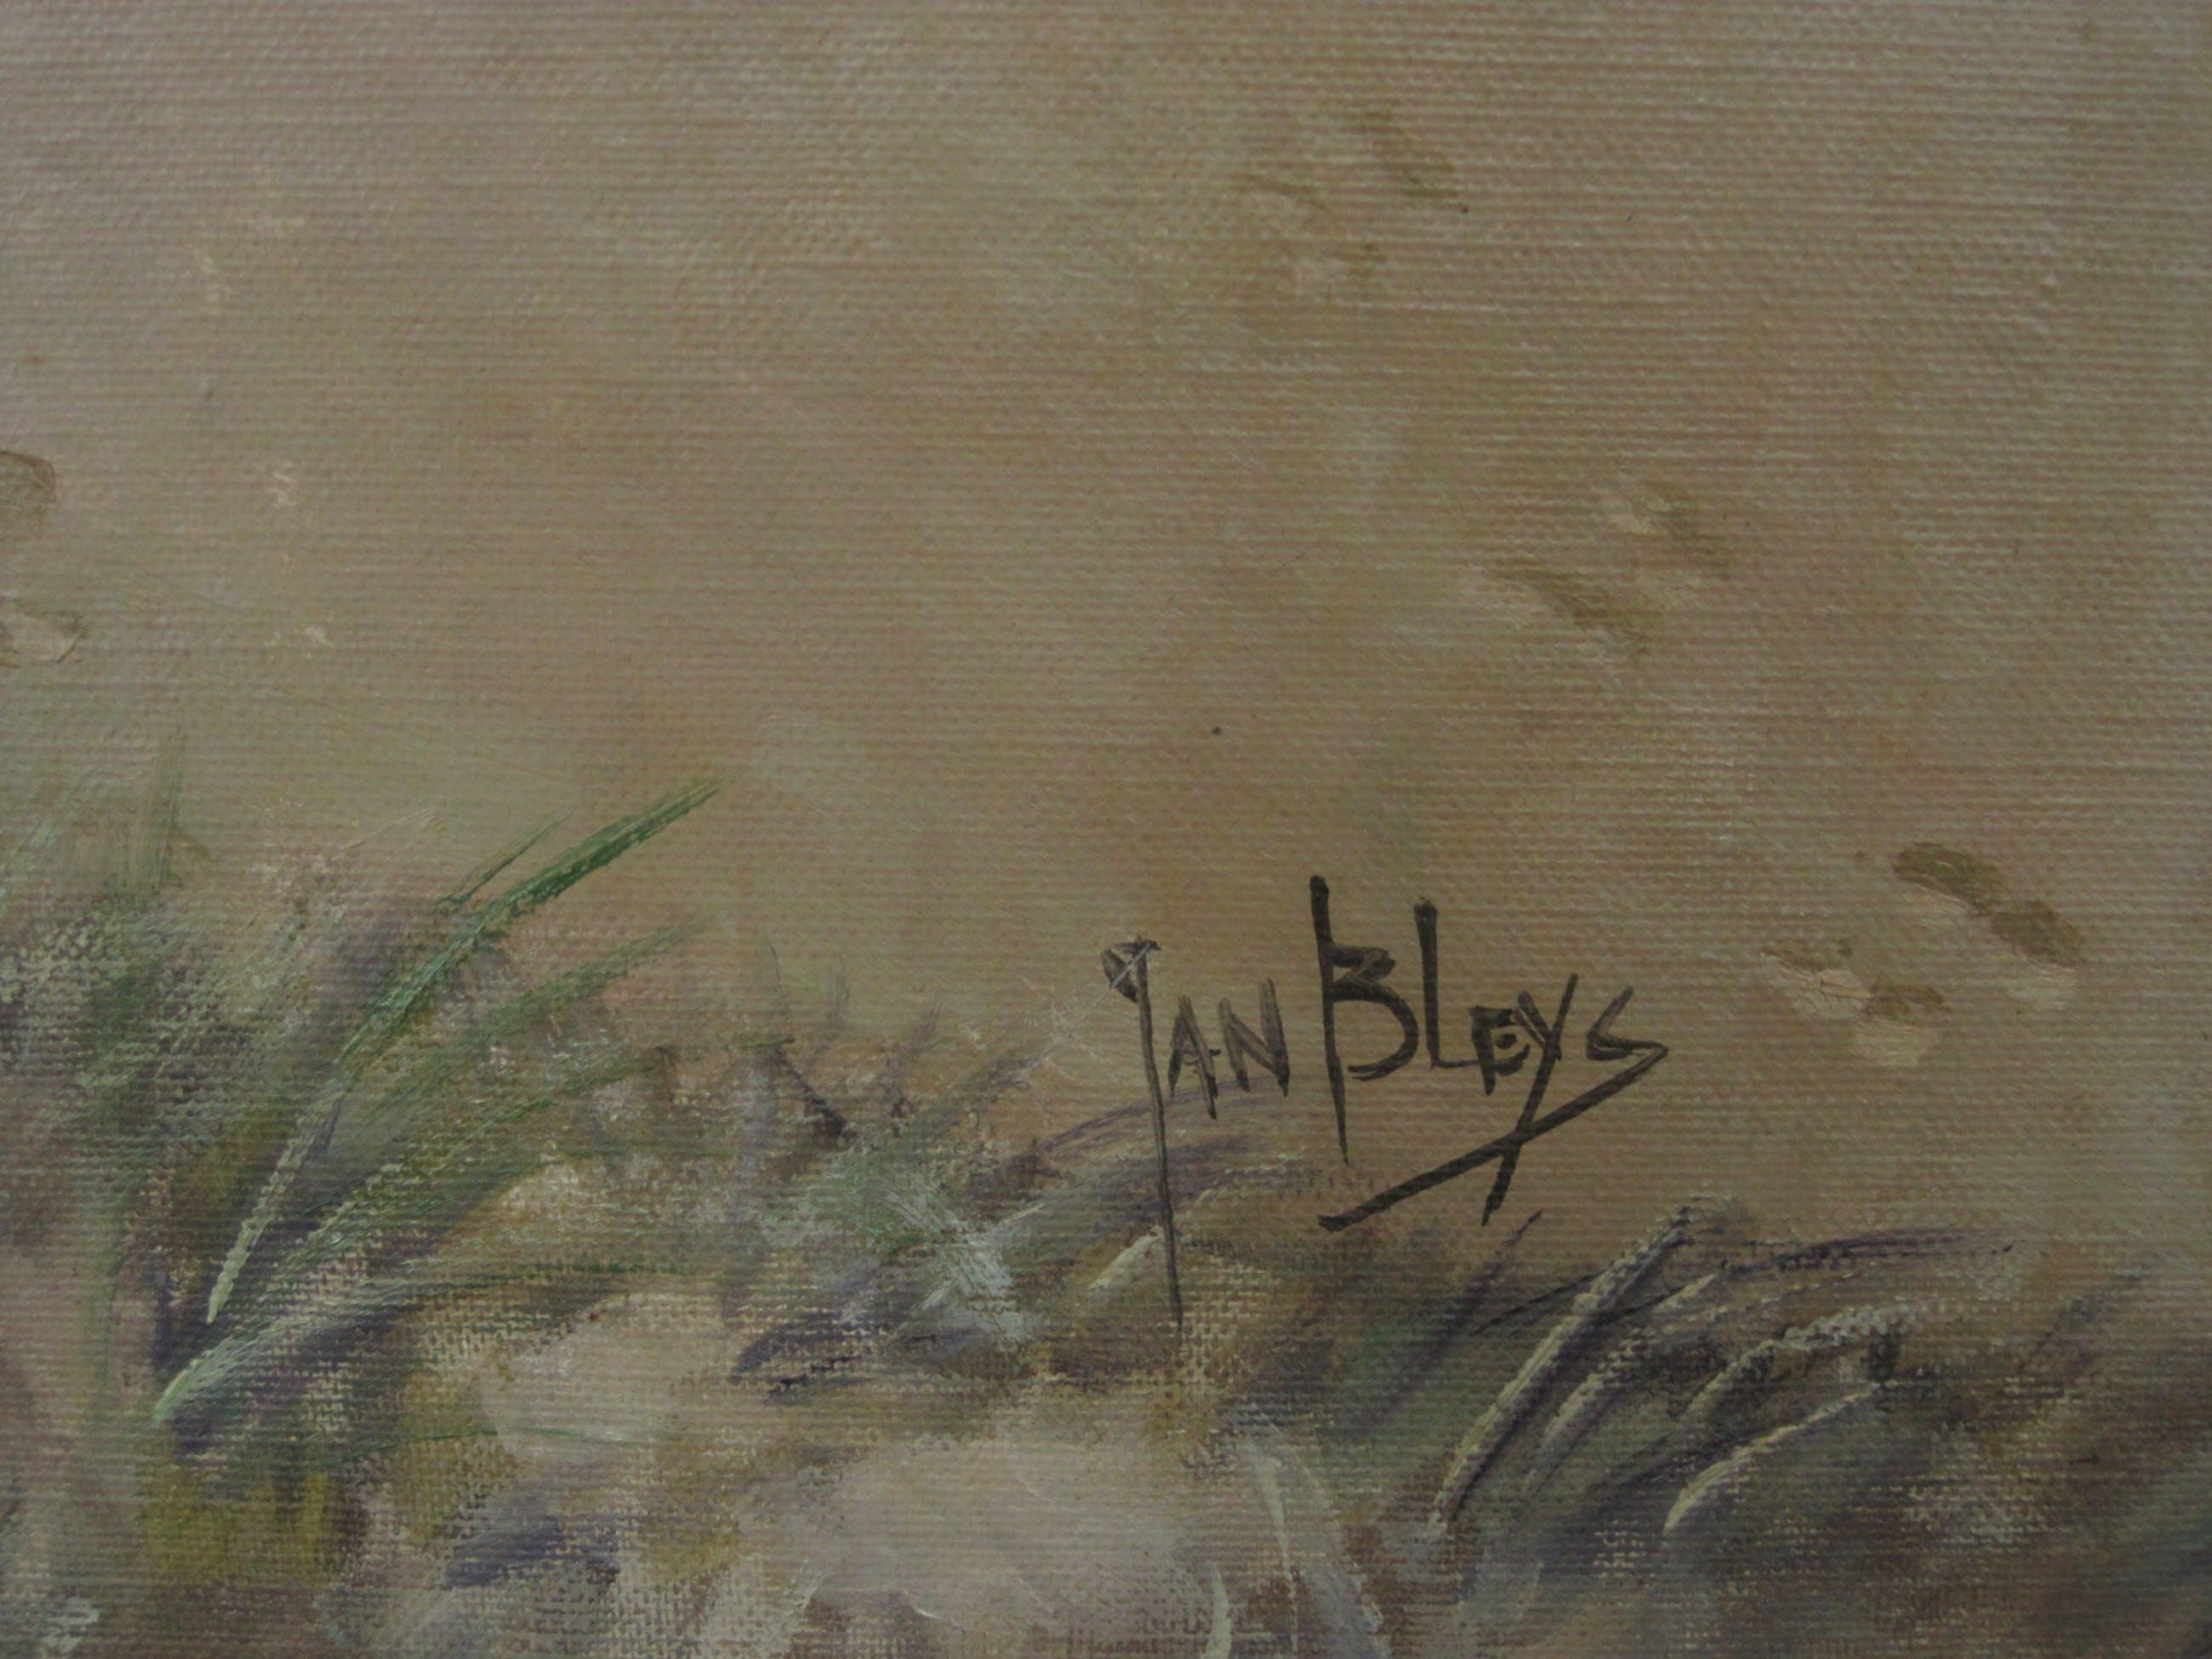 """Jan Bleijs - GROOT en sfeervol impressionistisch olieverf """"Kust en Duinlandschap"""" gesigneerd kopen? Bied vanaf 10!"""